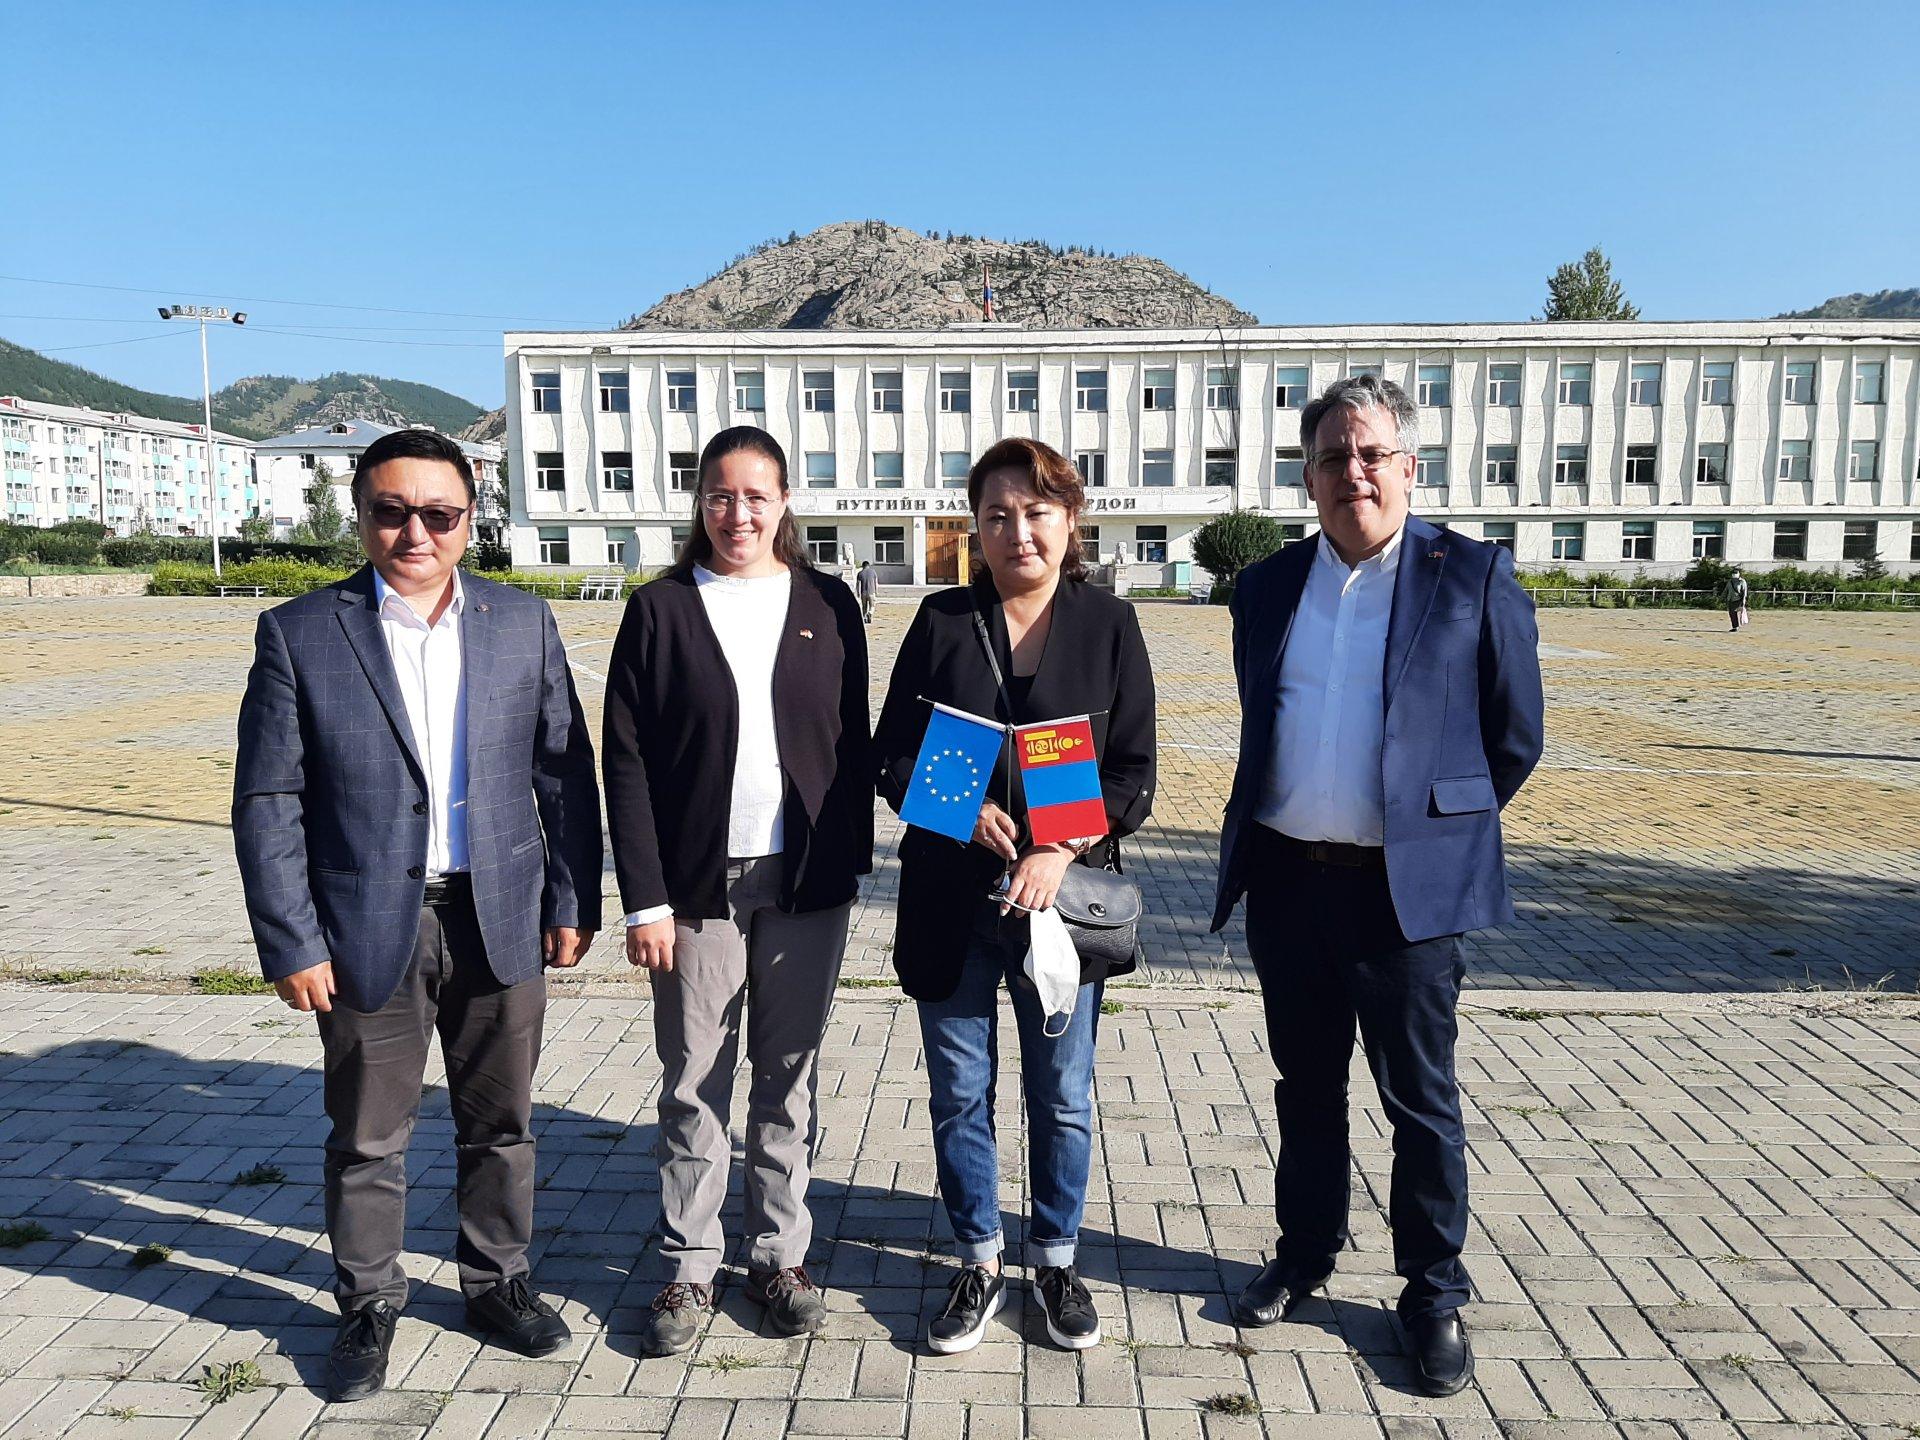 Европын Холбоо STeP EcoLaB төслийн ажилтай танилцав